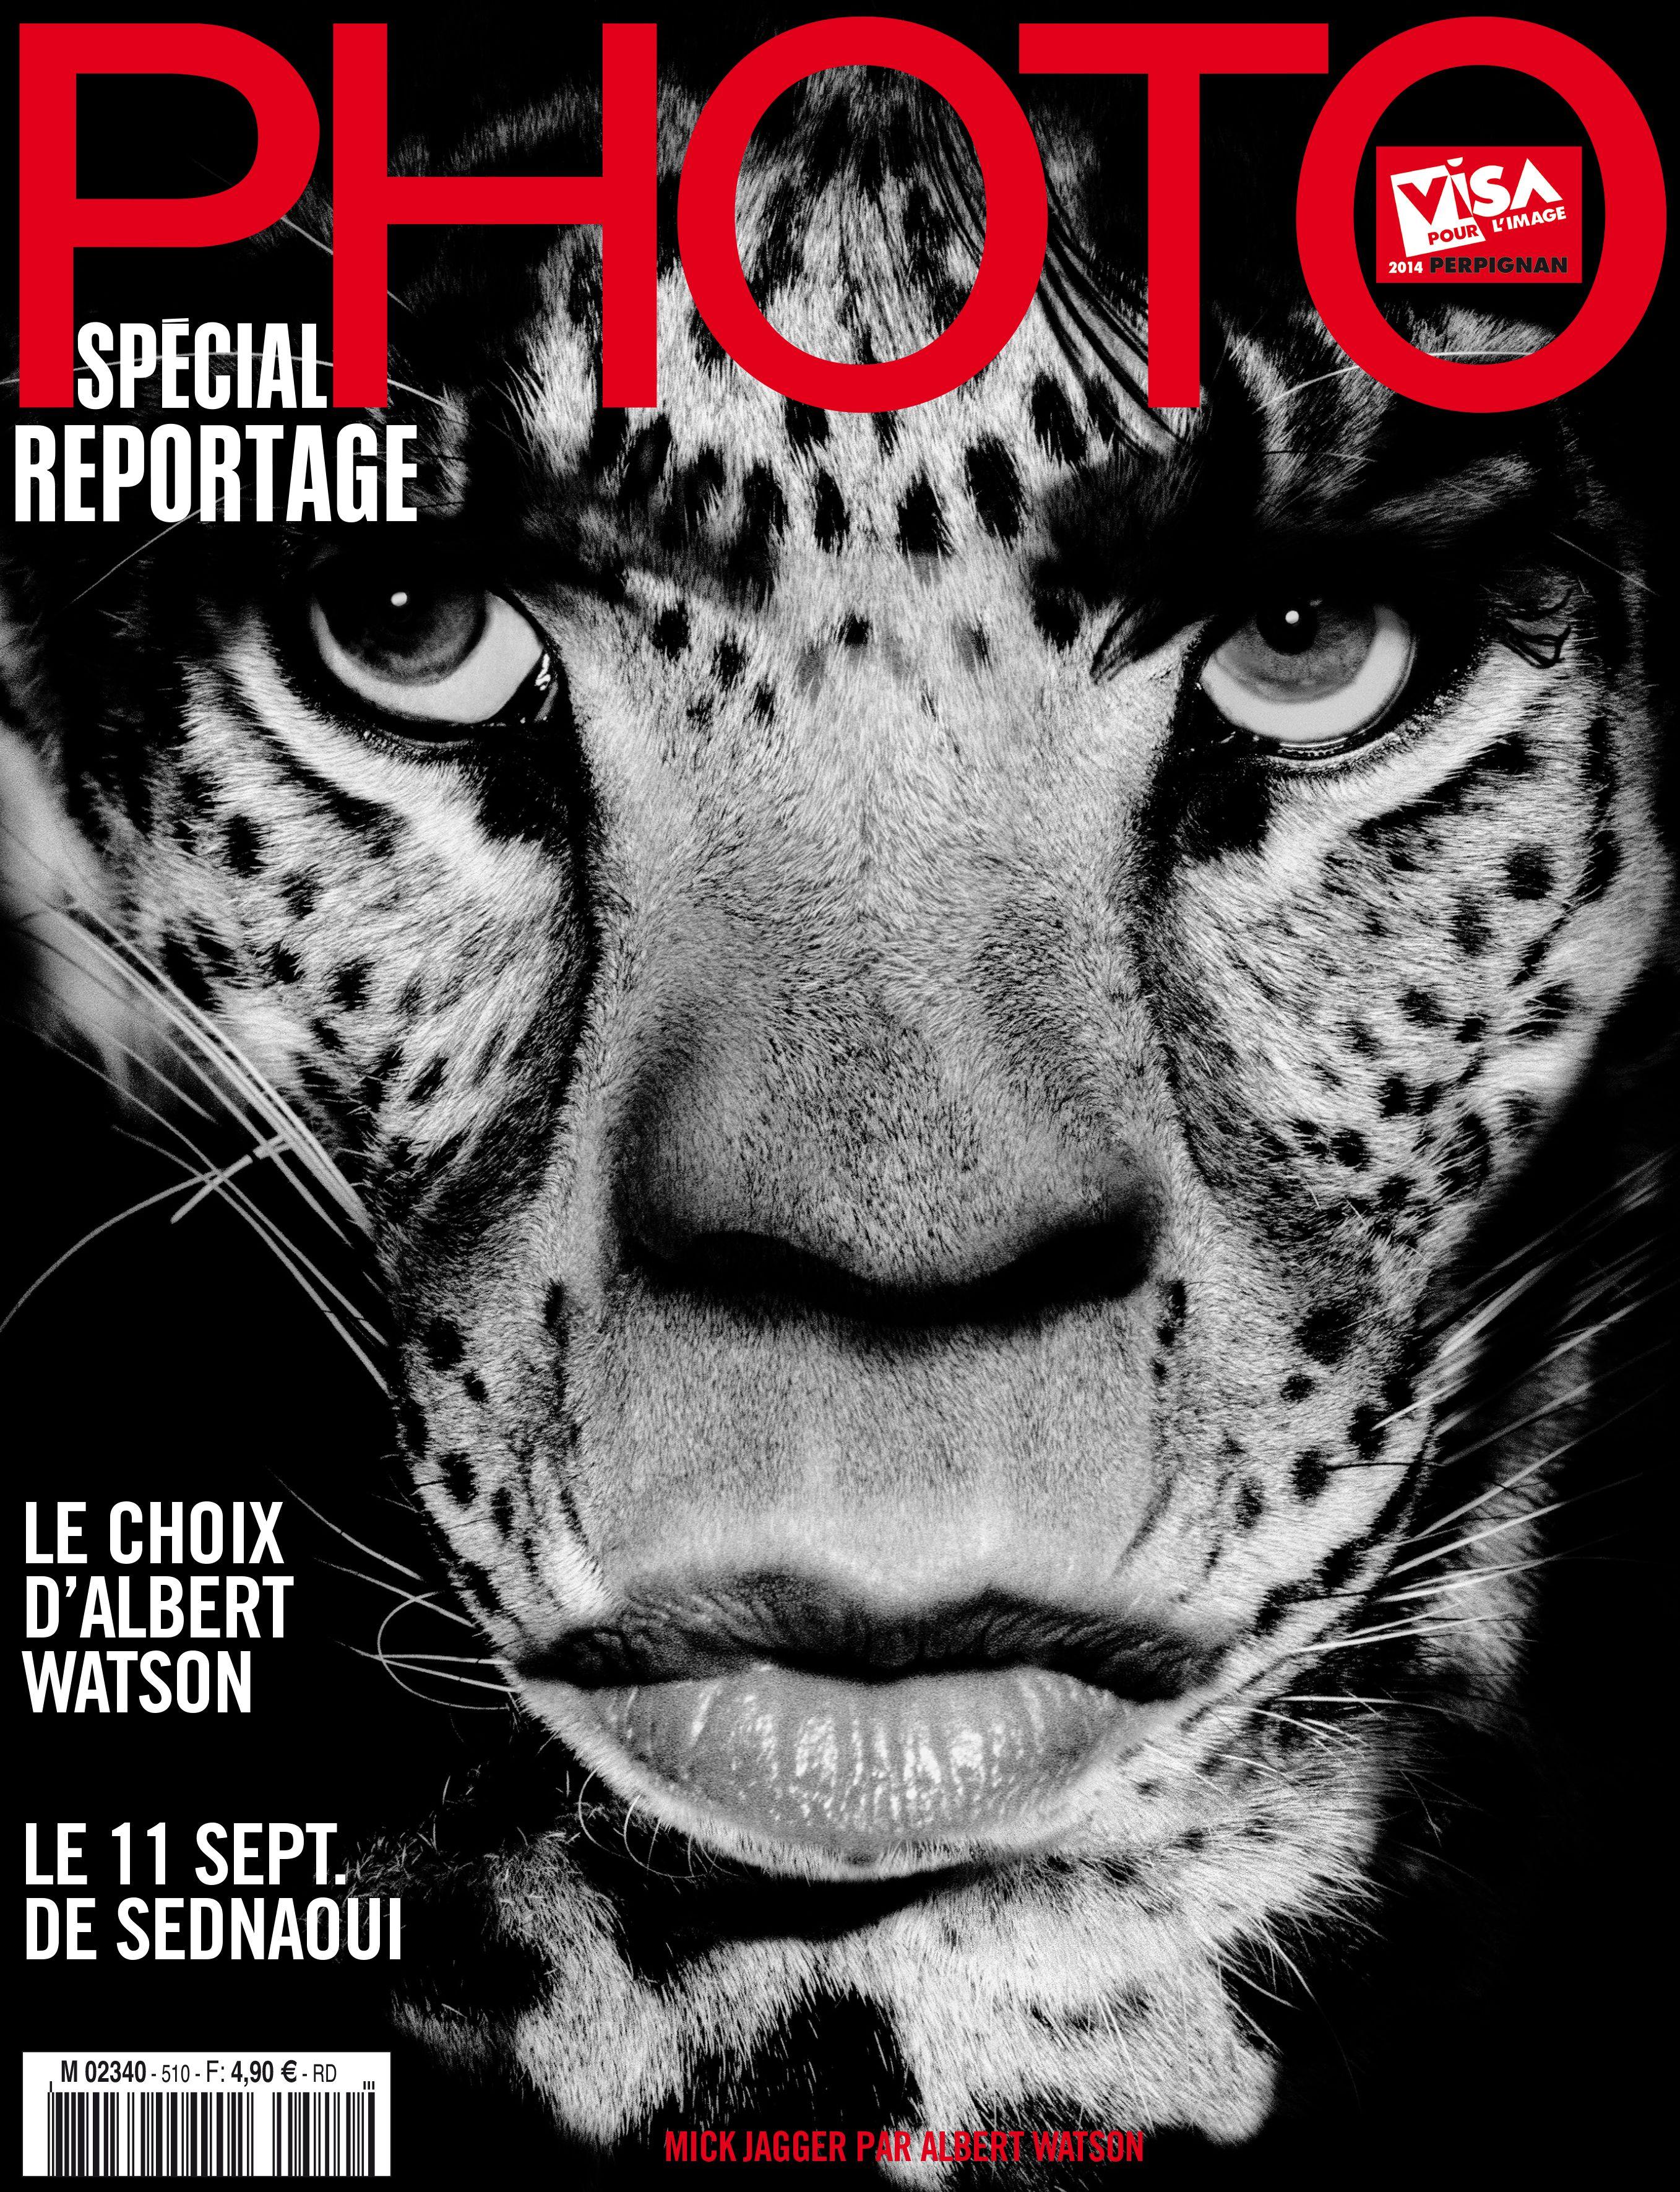 Couverture Du Magazine Photo N 510 Sp Cial Reportage Septembre  # Muebles Mikel Tolosa